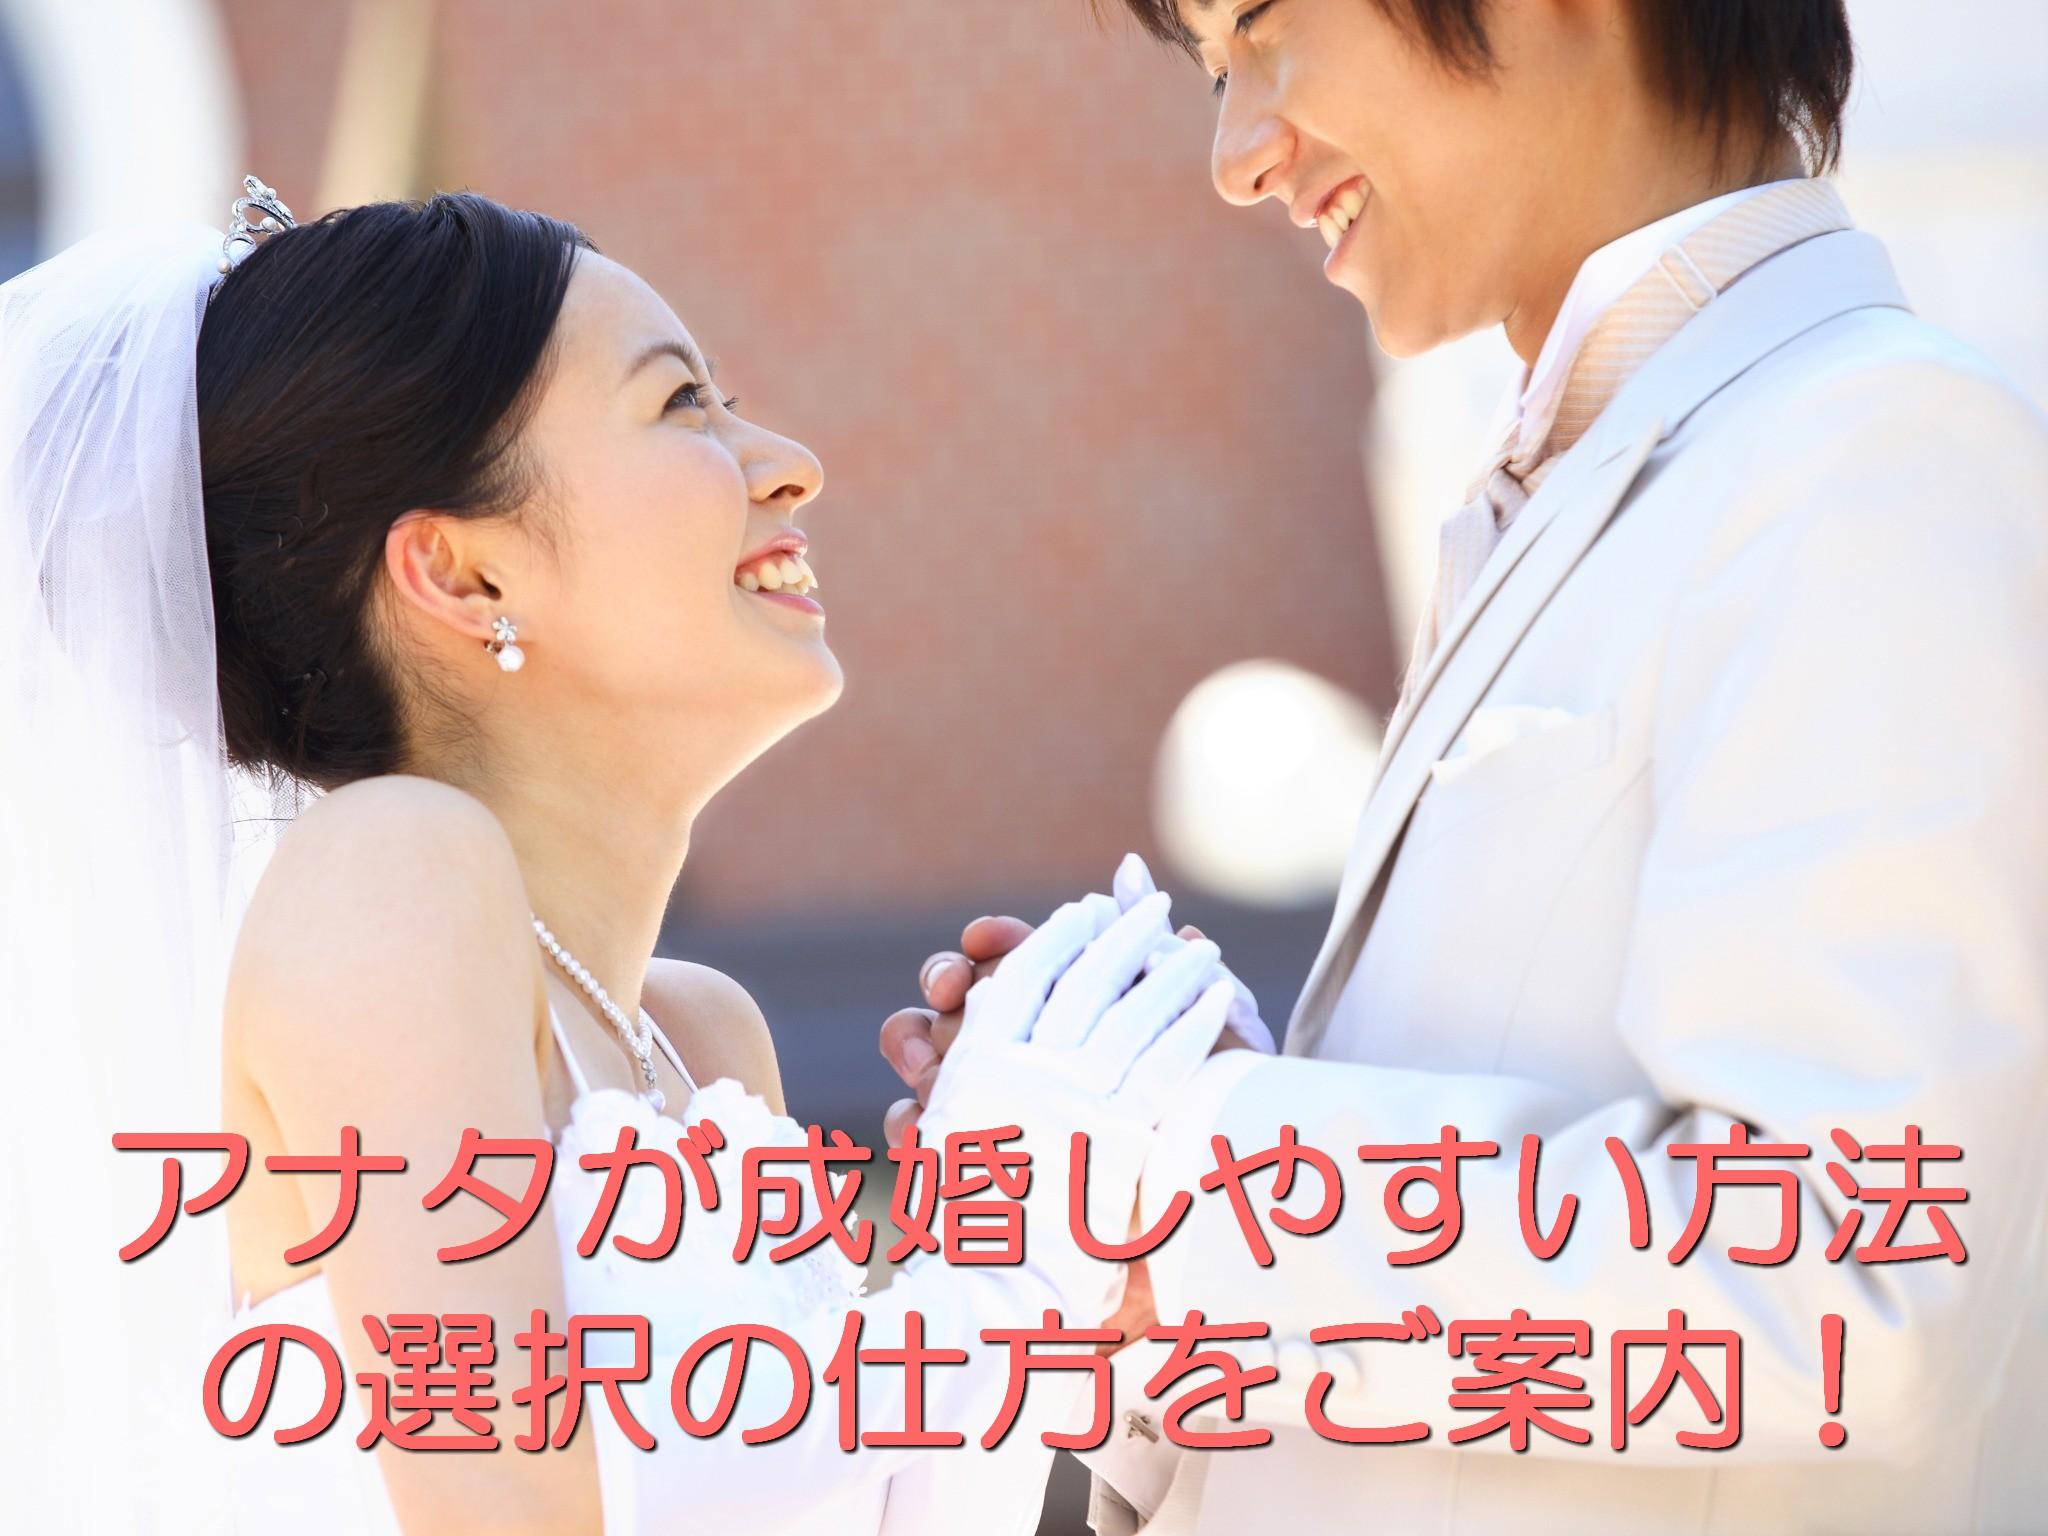 婚活パーティー東京でお探しならメリット・デメリットを確認して自分が婚活パーティーに向いているか、それとも開婚マッチングのようなお見合いスタイルの婚活が向いているかを検討して選択することをオススメします